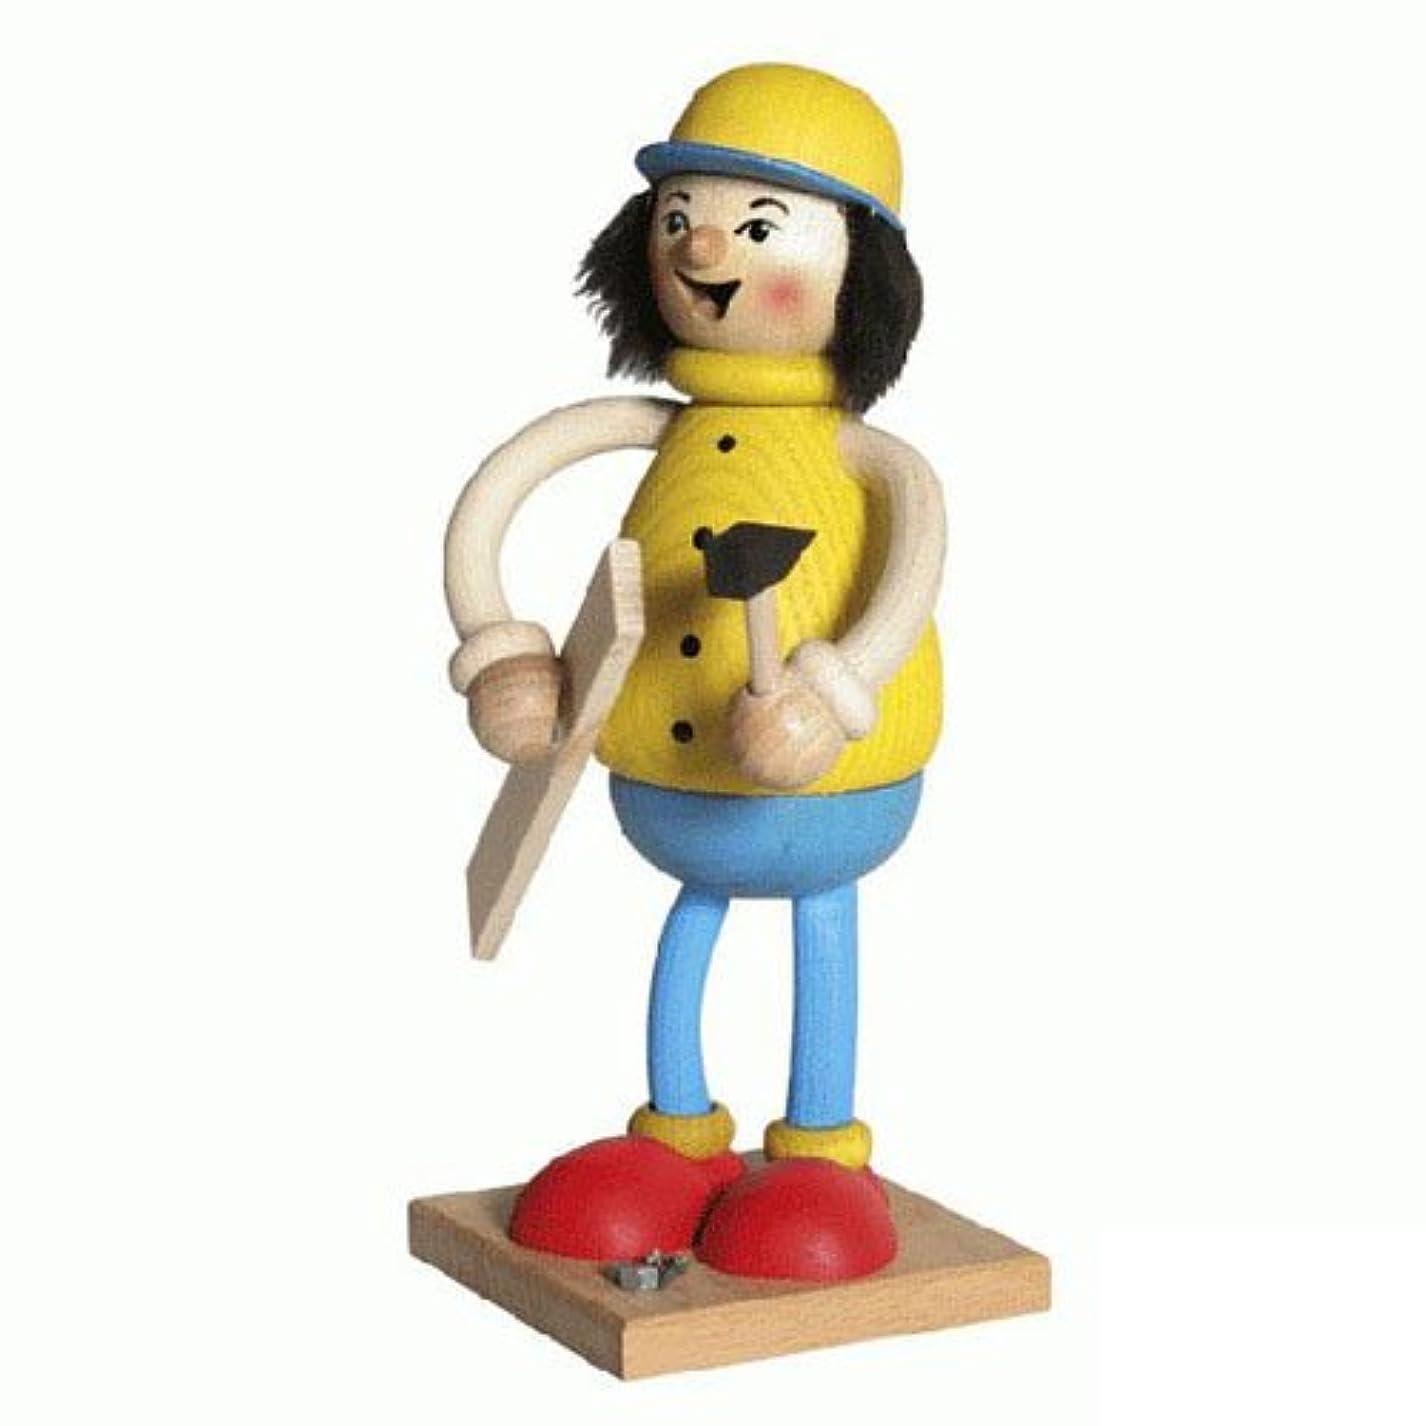 アベニュー大使館劇的39096 Kuhnert(クーネルト) ミニパイプ人形香炉 DIY